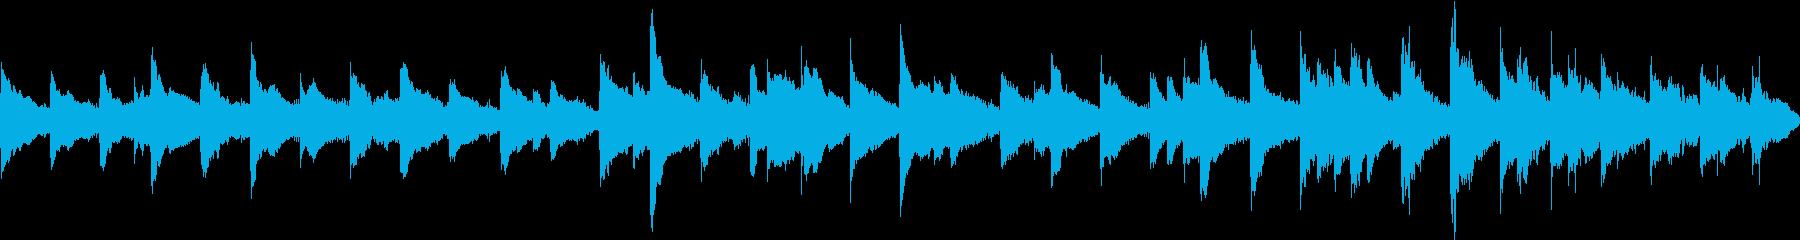 映画的静かで優しいピアノ曲[ループ仕様]の再生済みの波形